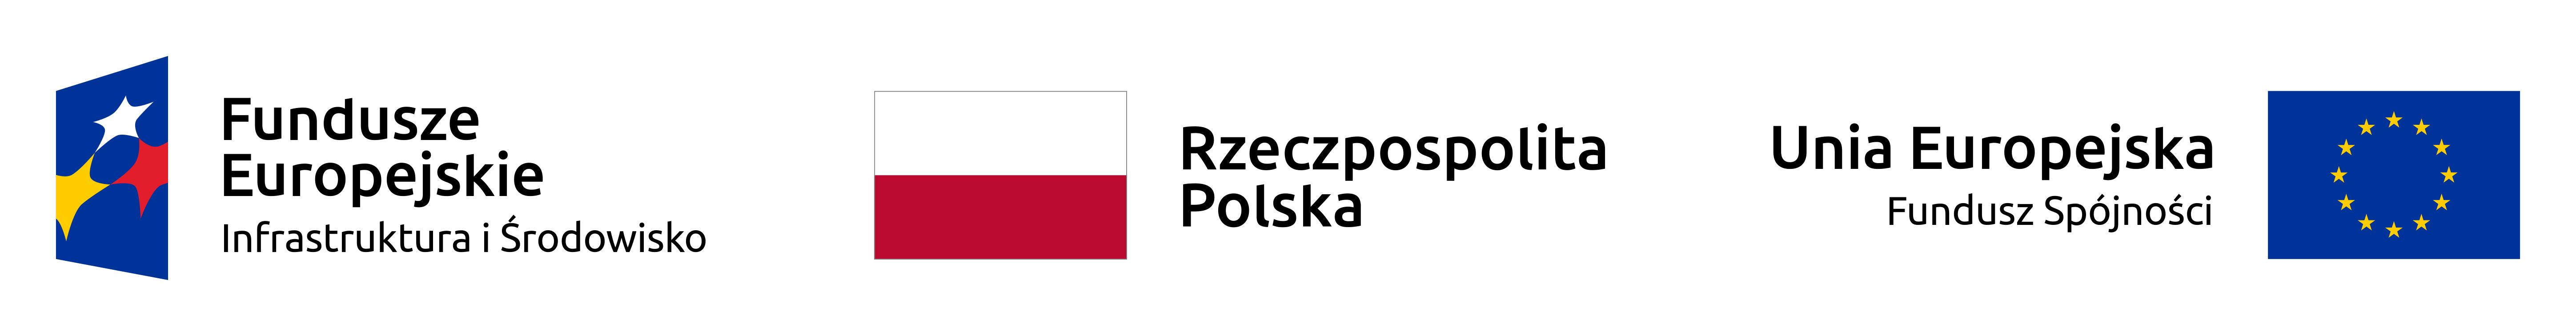 logo Fundusze UE przejdź do strony współfinansowane ze środków UE; od lewej logo funduszy europejskich,dalej mapa polski z napisem Rzeczpospolita Polska, po prawej Mapa Unii Europejskiej z napisem Unia Europejska - Fundusz spójności